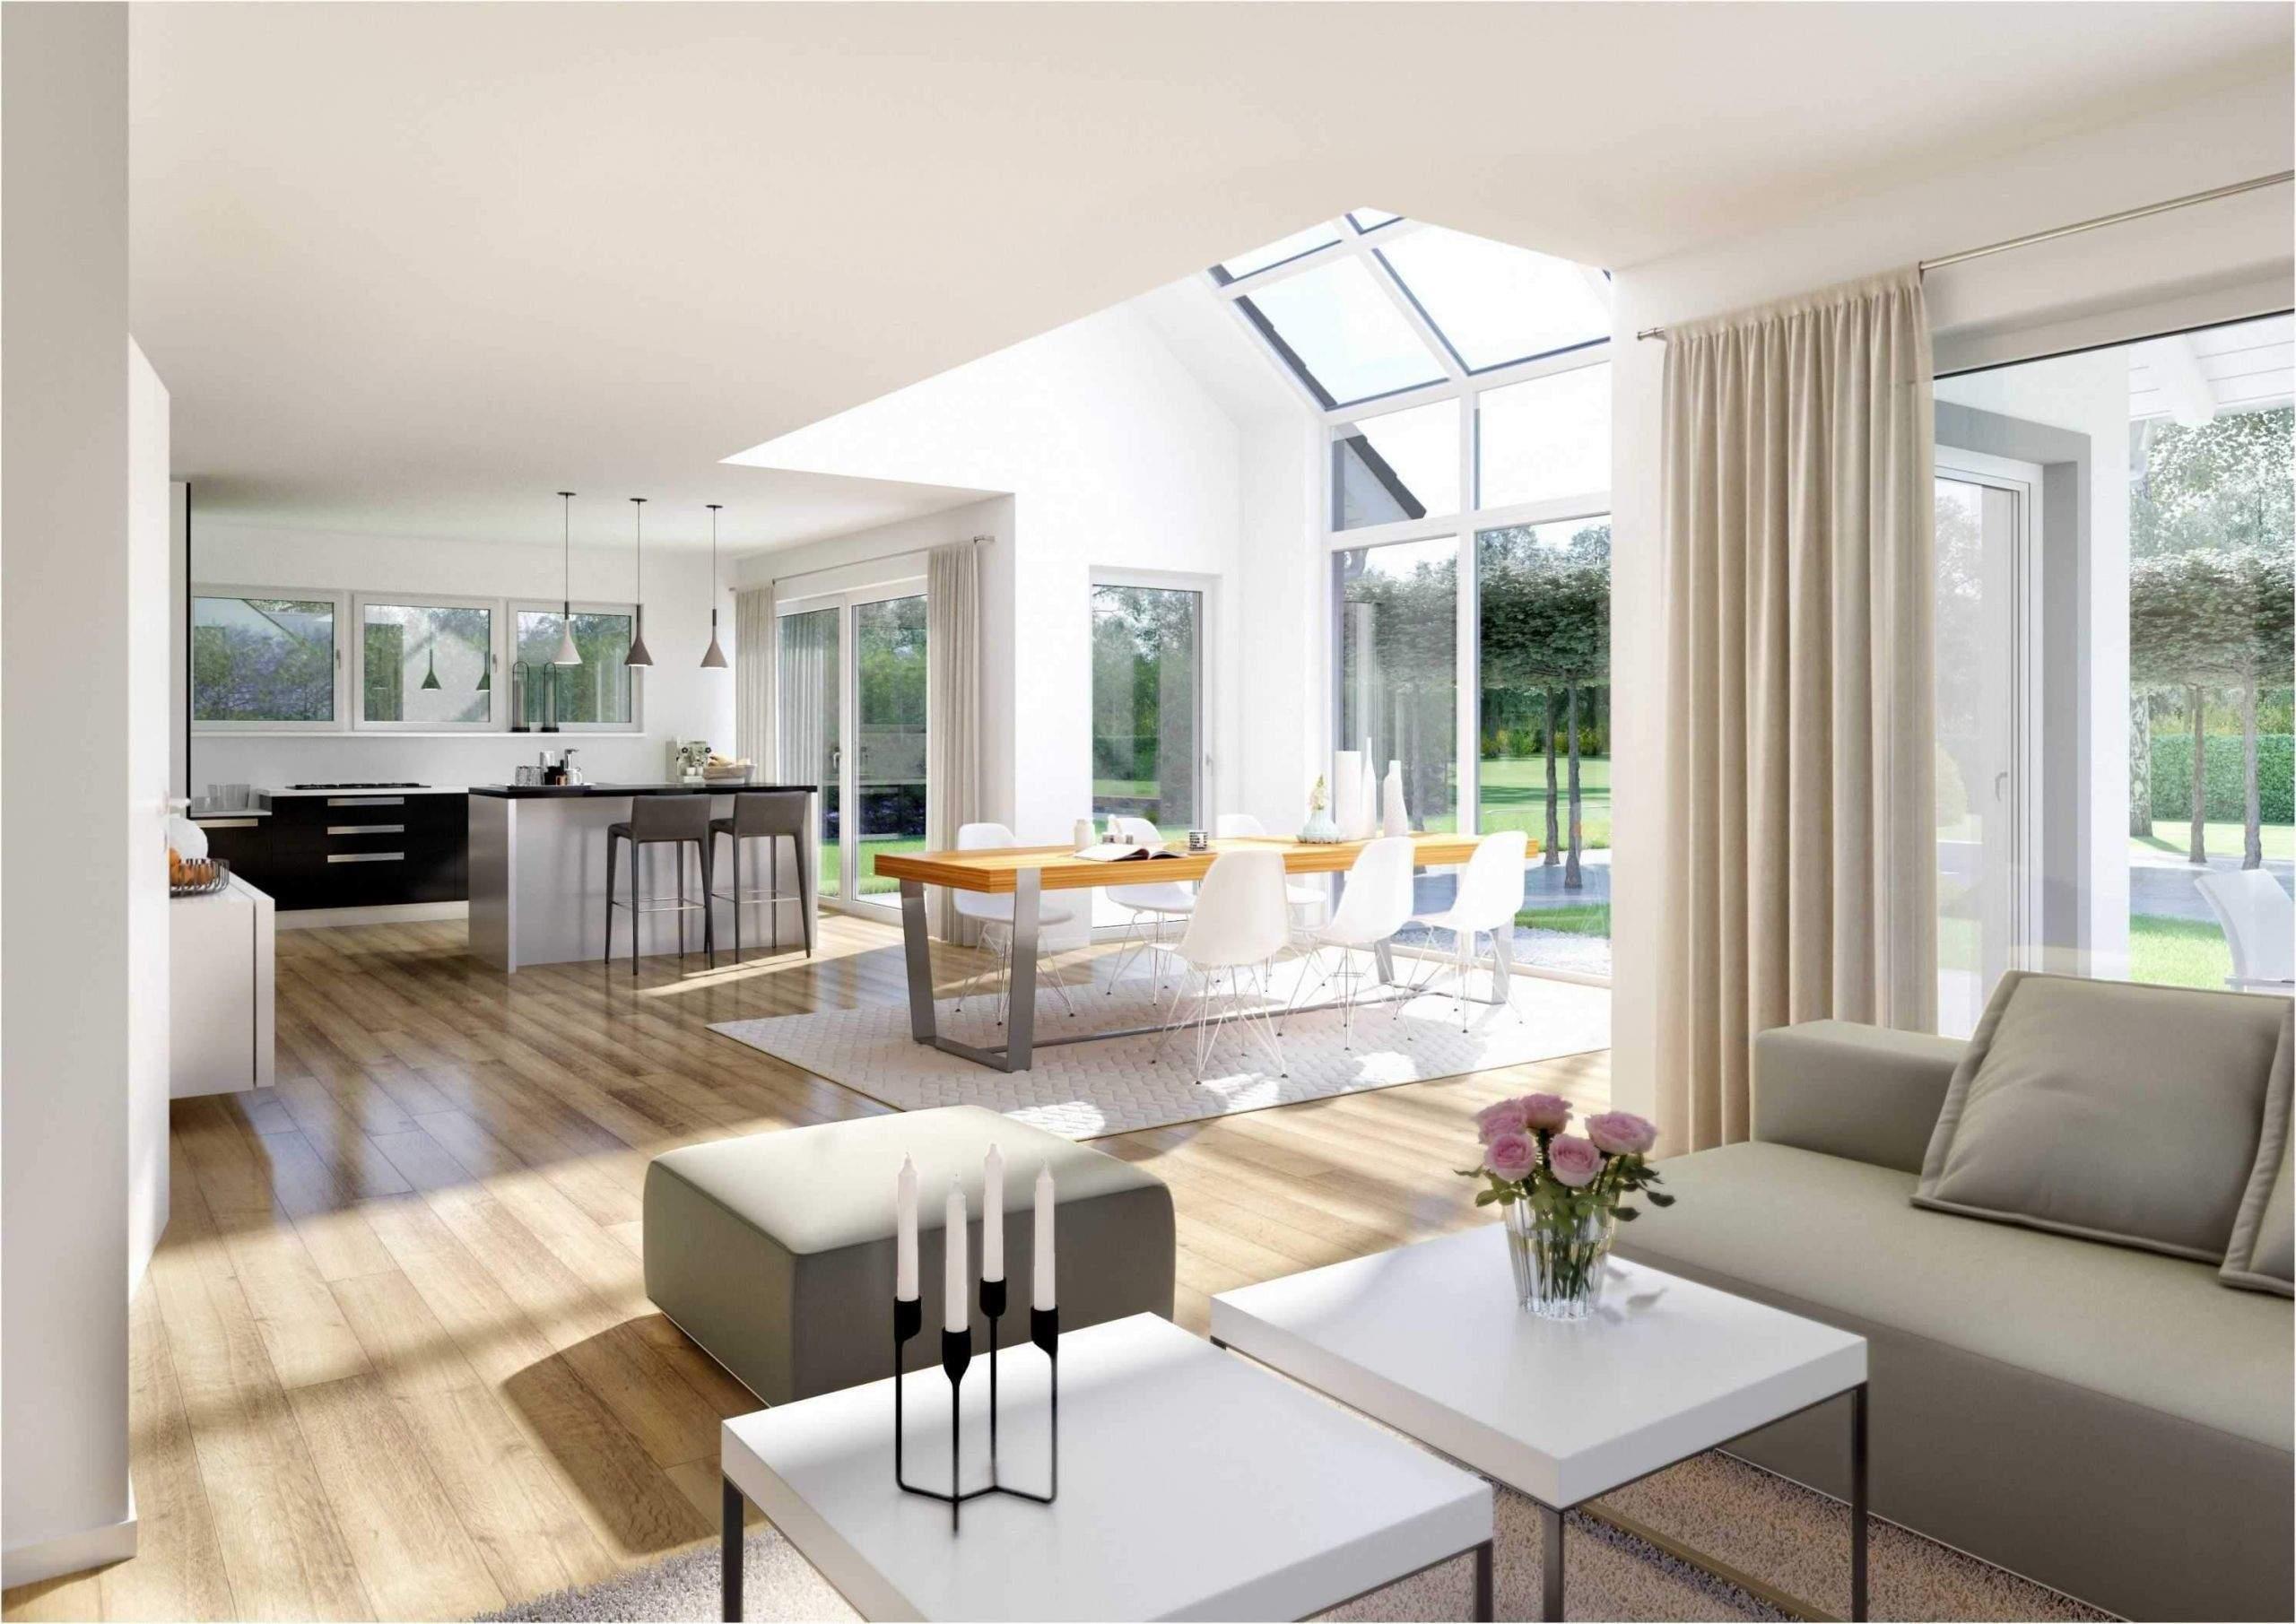 kleines wohnzimmer vorher nachher neu 32 luxus kleines wohnzimmer vorher nachher inspirierend of kleines wohnzimmer vorher nachher scaled